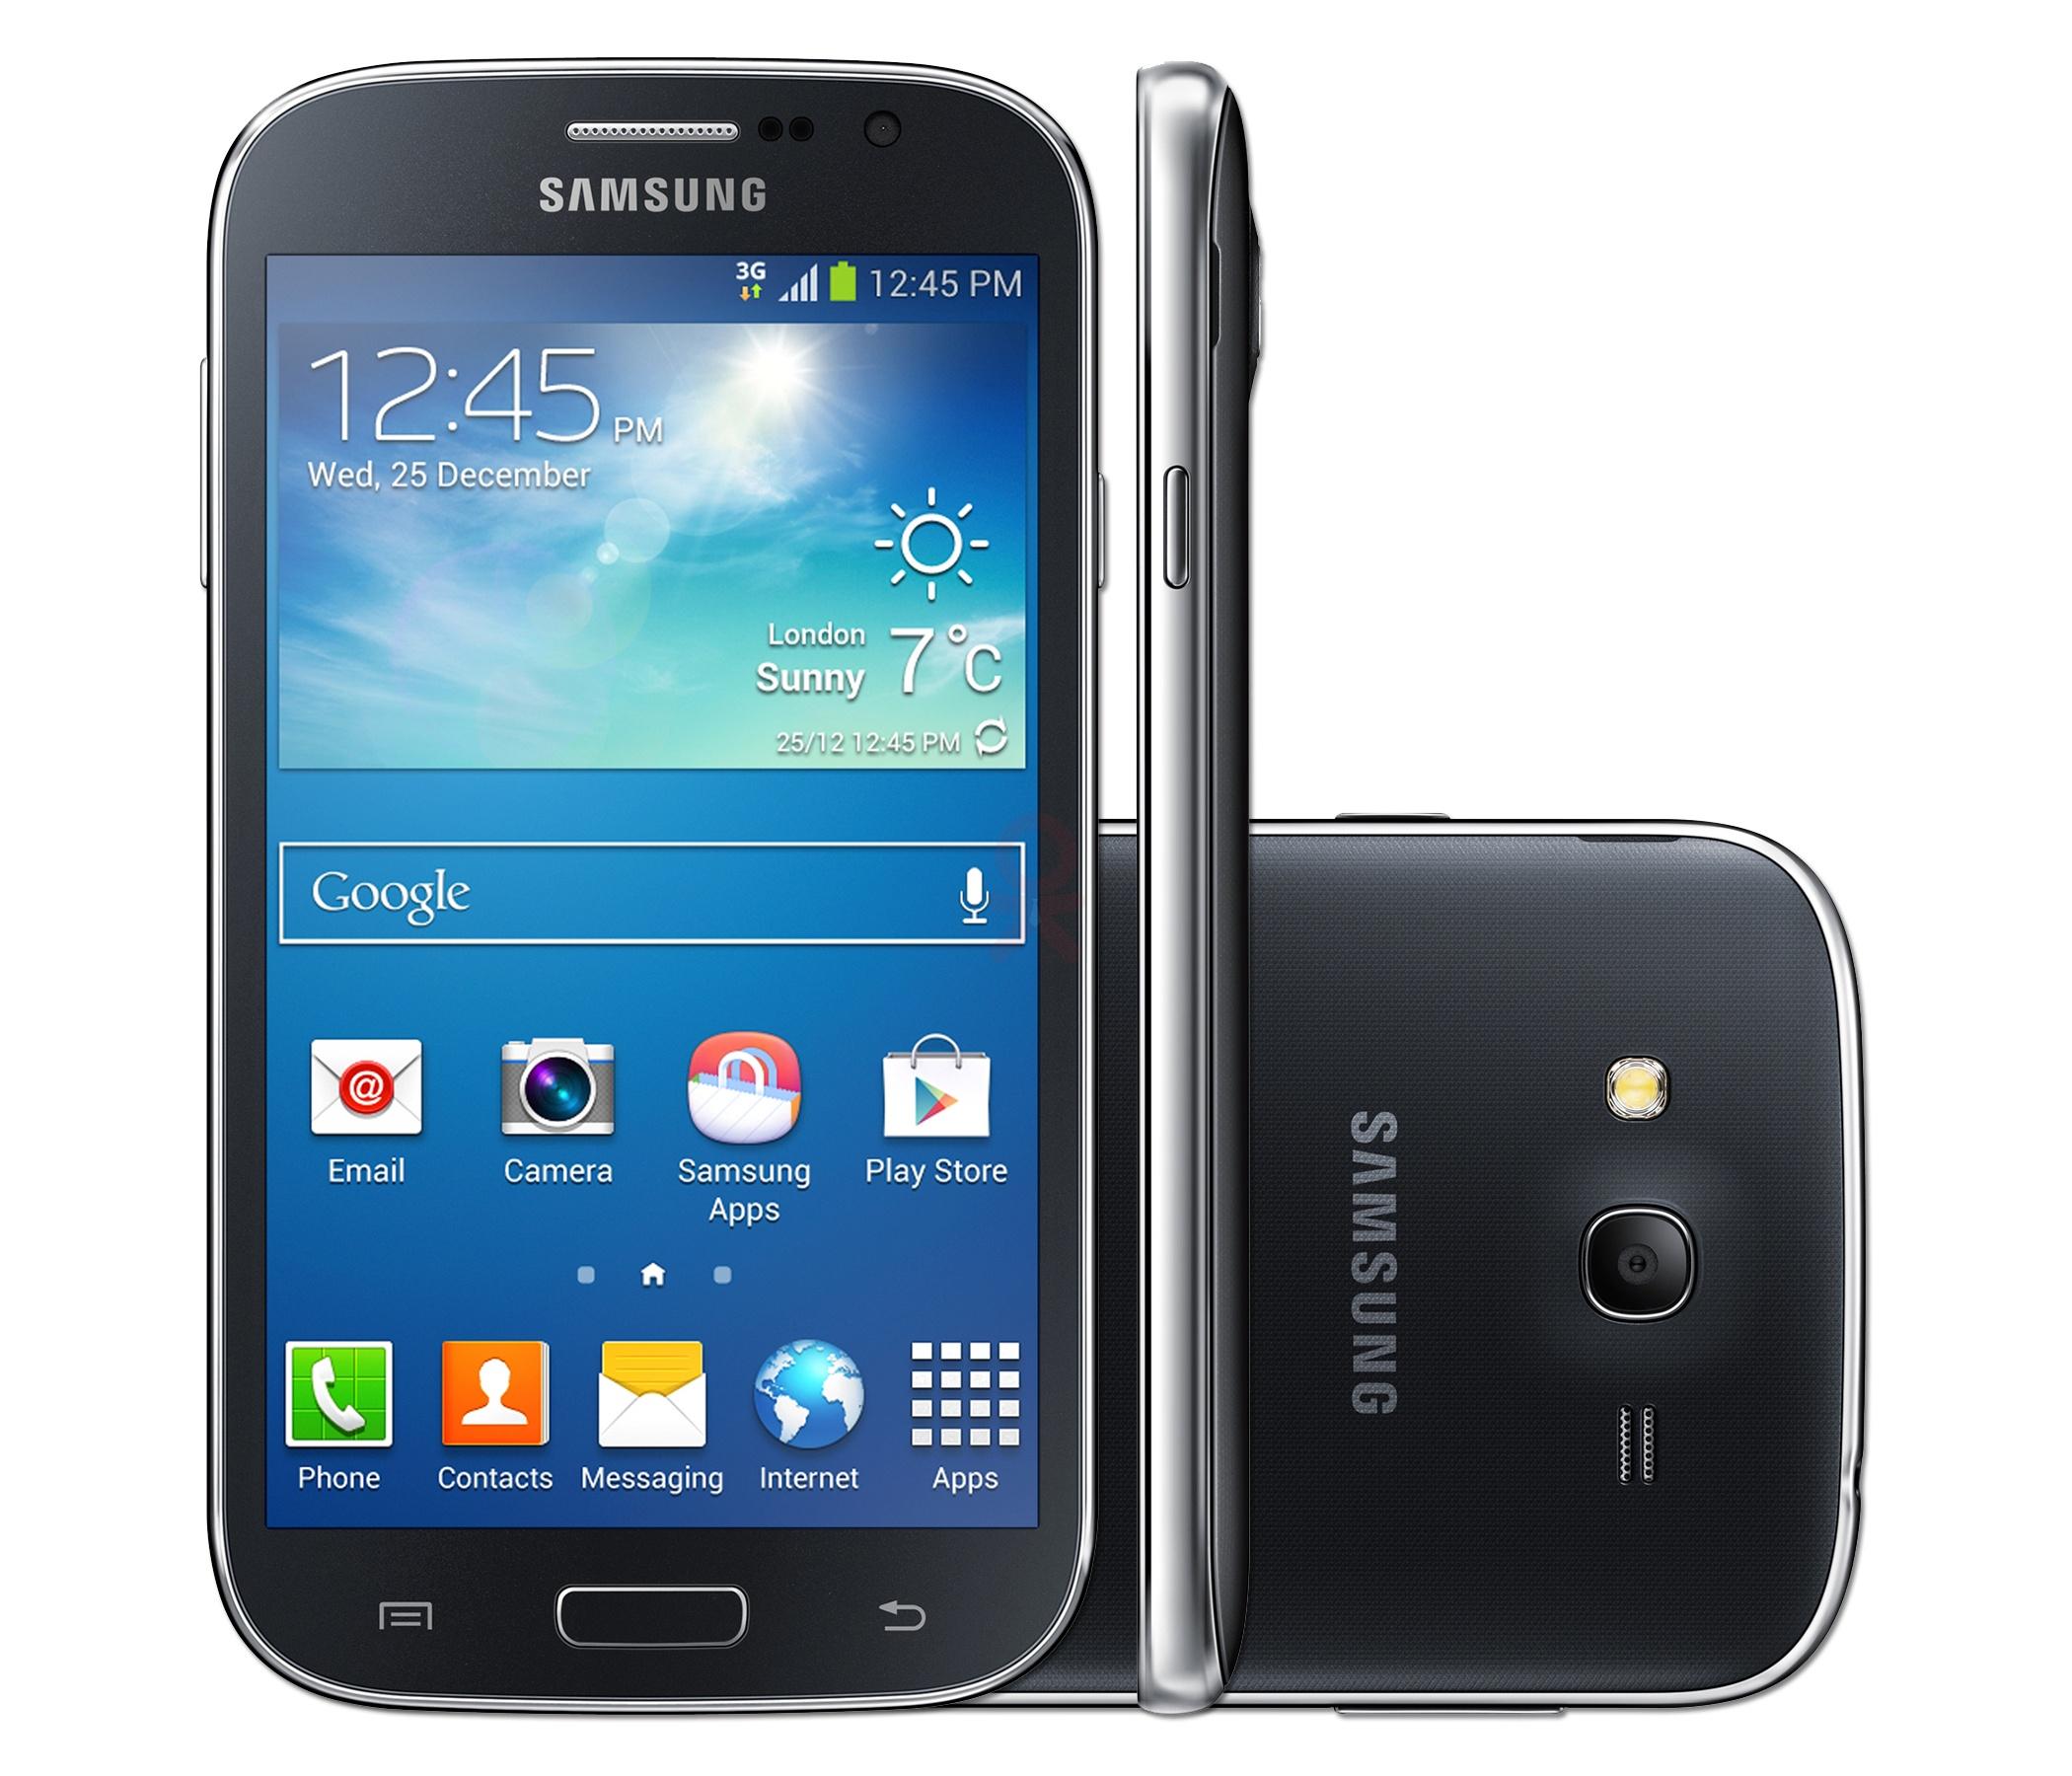 Spesifikasi Gahar & Harga Terjangkau, Galaxy Grand Neo Plus